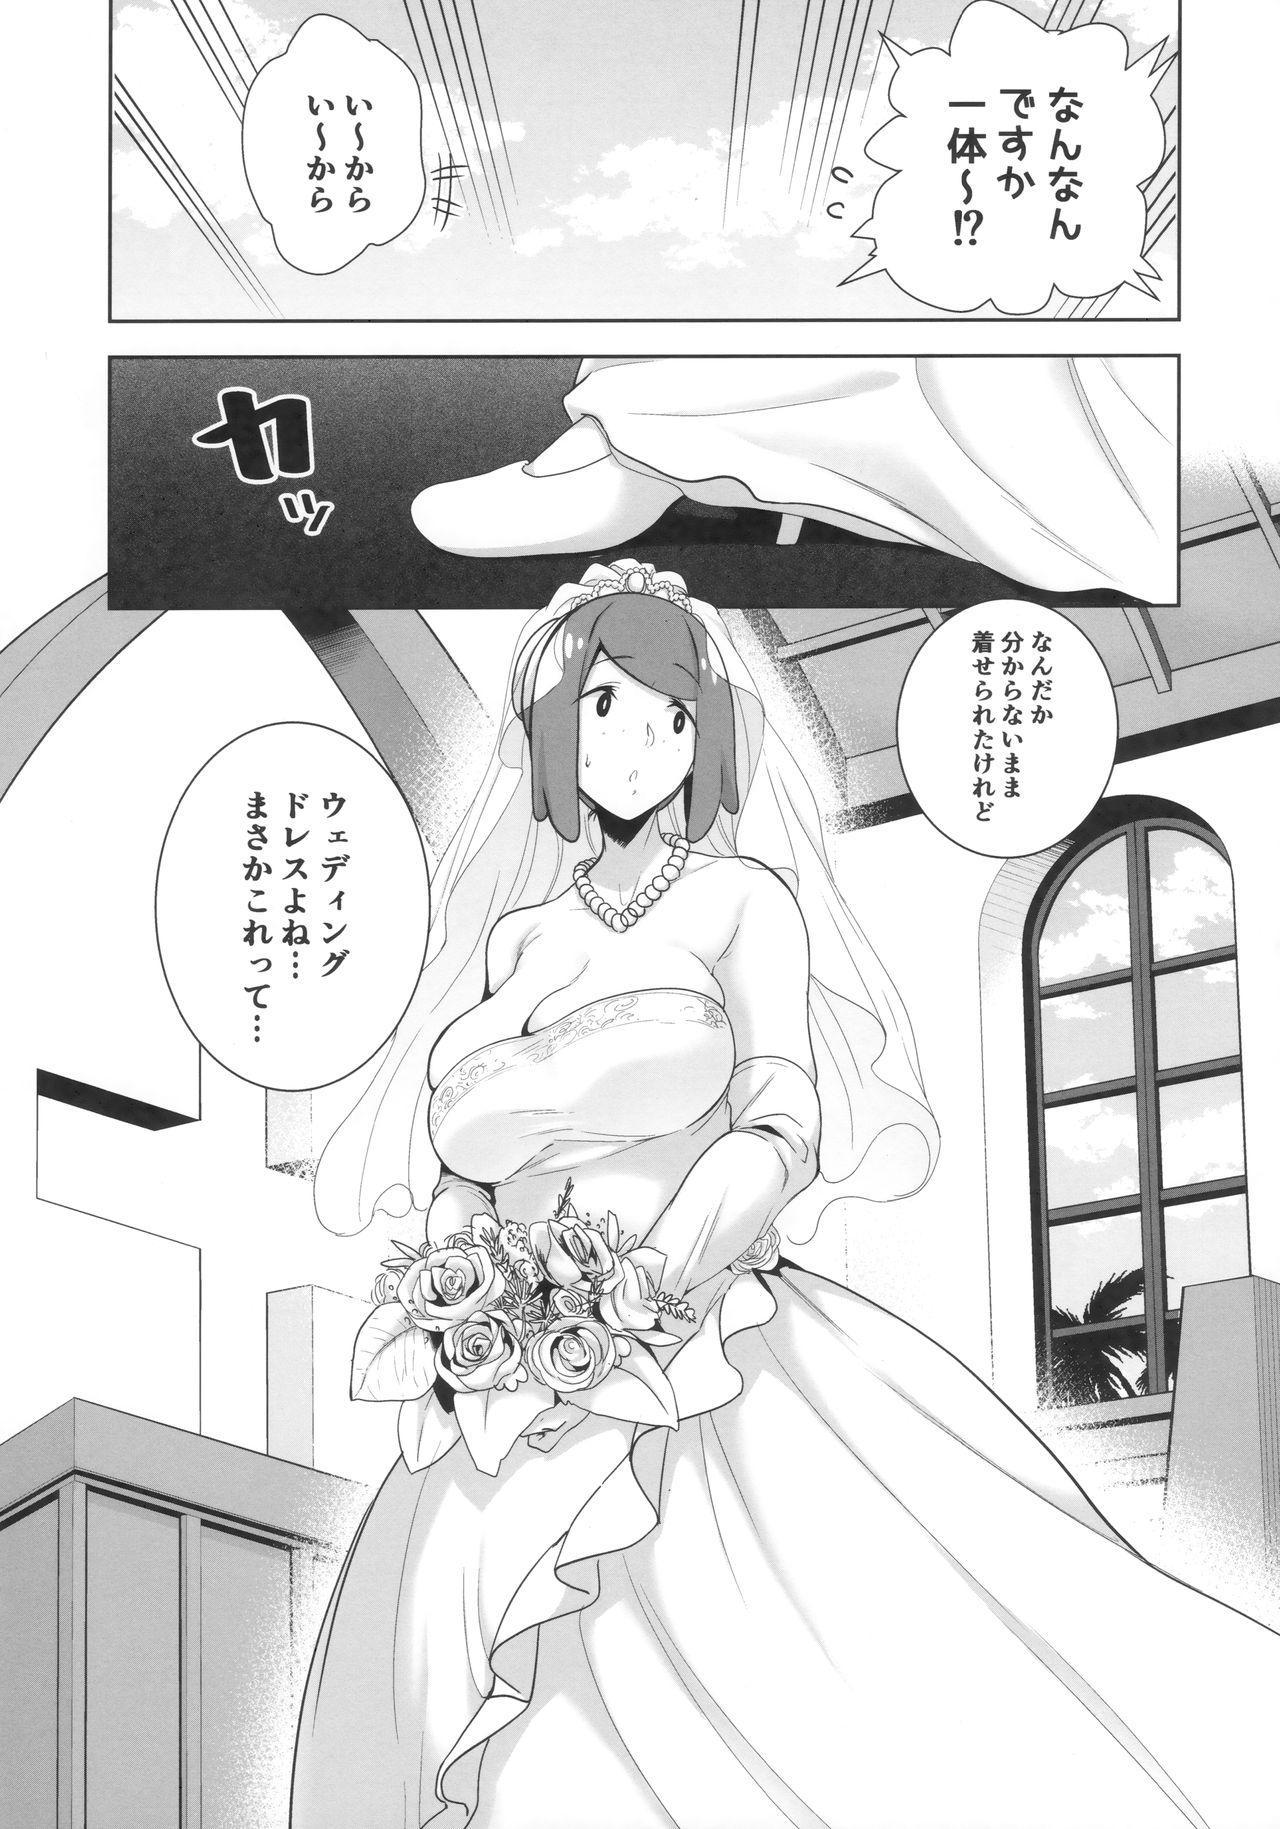 Alola no Yoru no Sugata 6 5